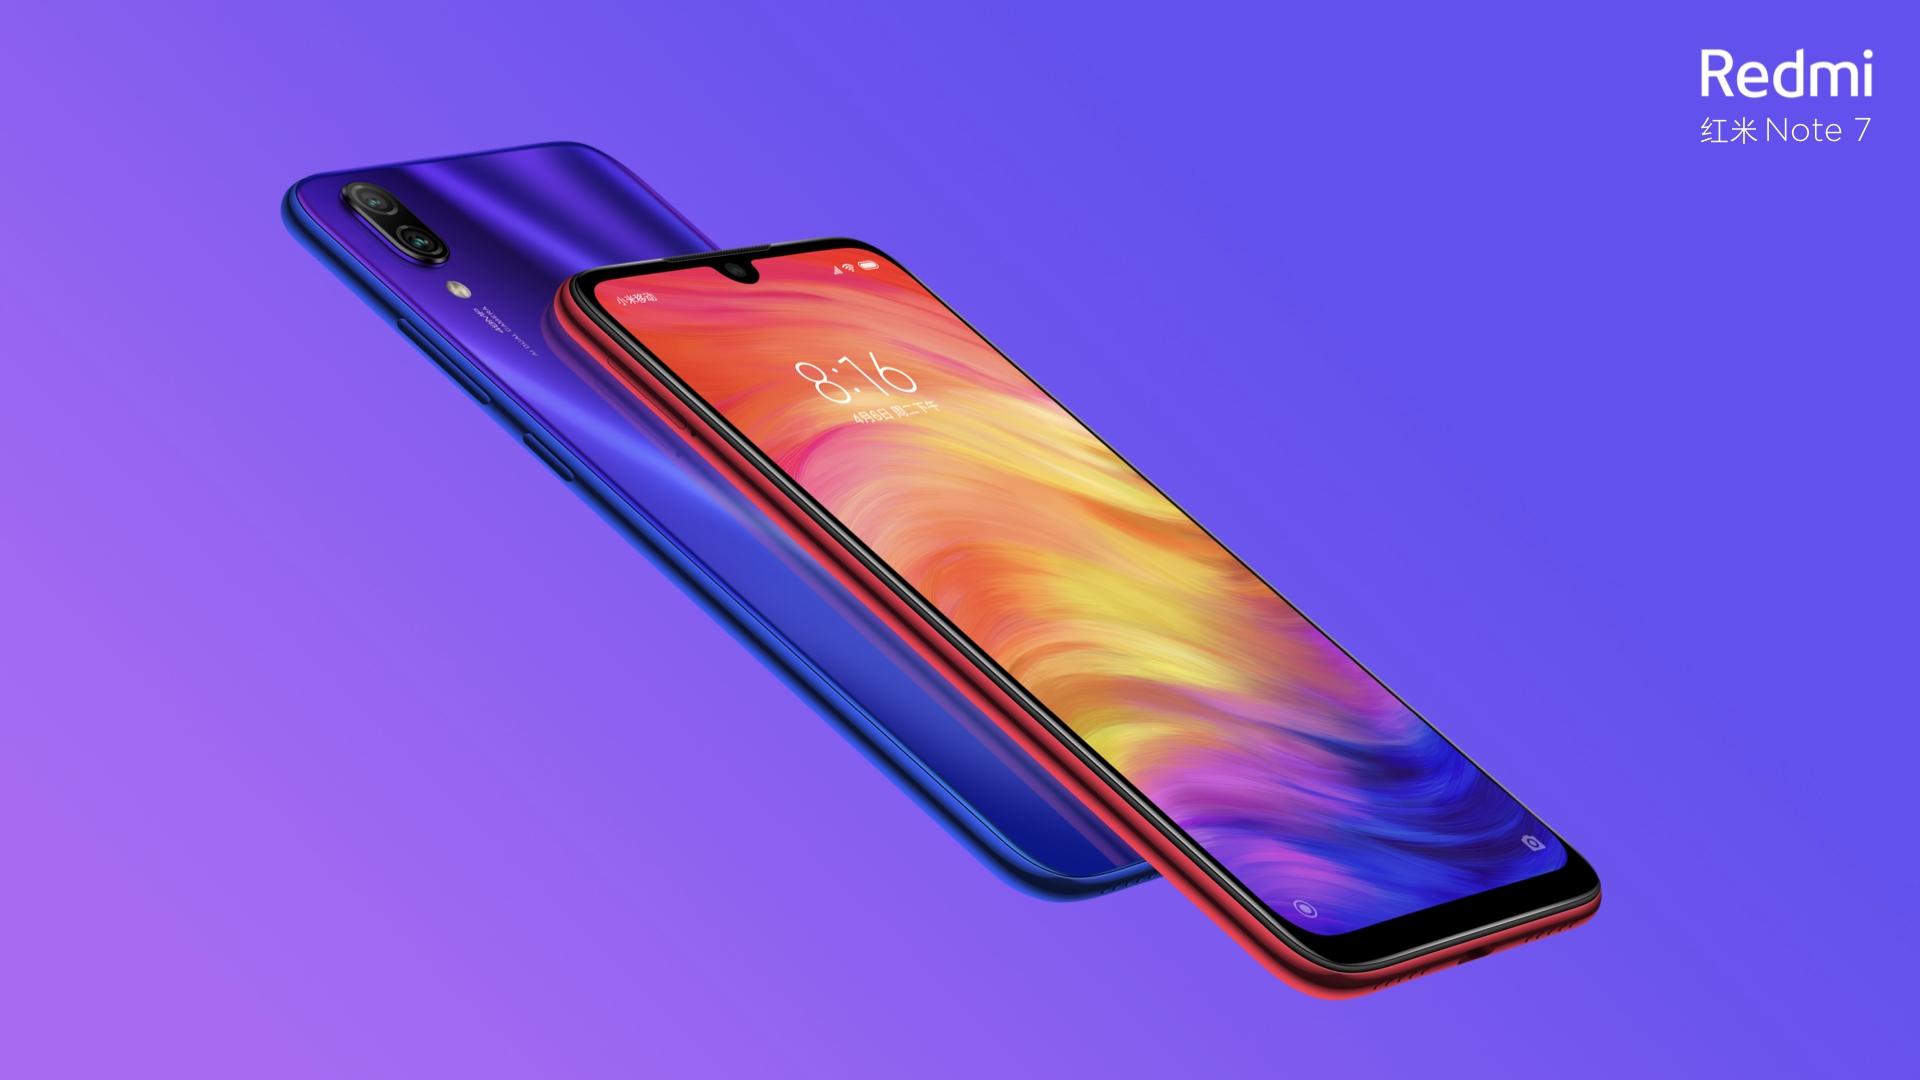 مزايا وعيوب هاتف Redmi Note 7 أحد أفضل هواتف الفئة المتوسطة من Xiaomi